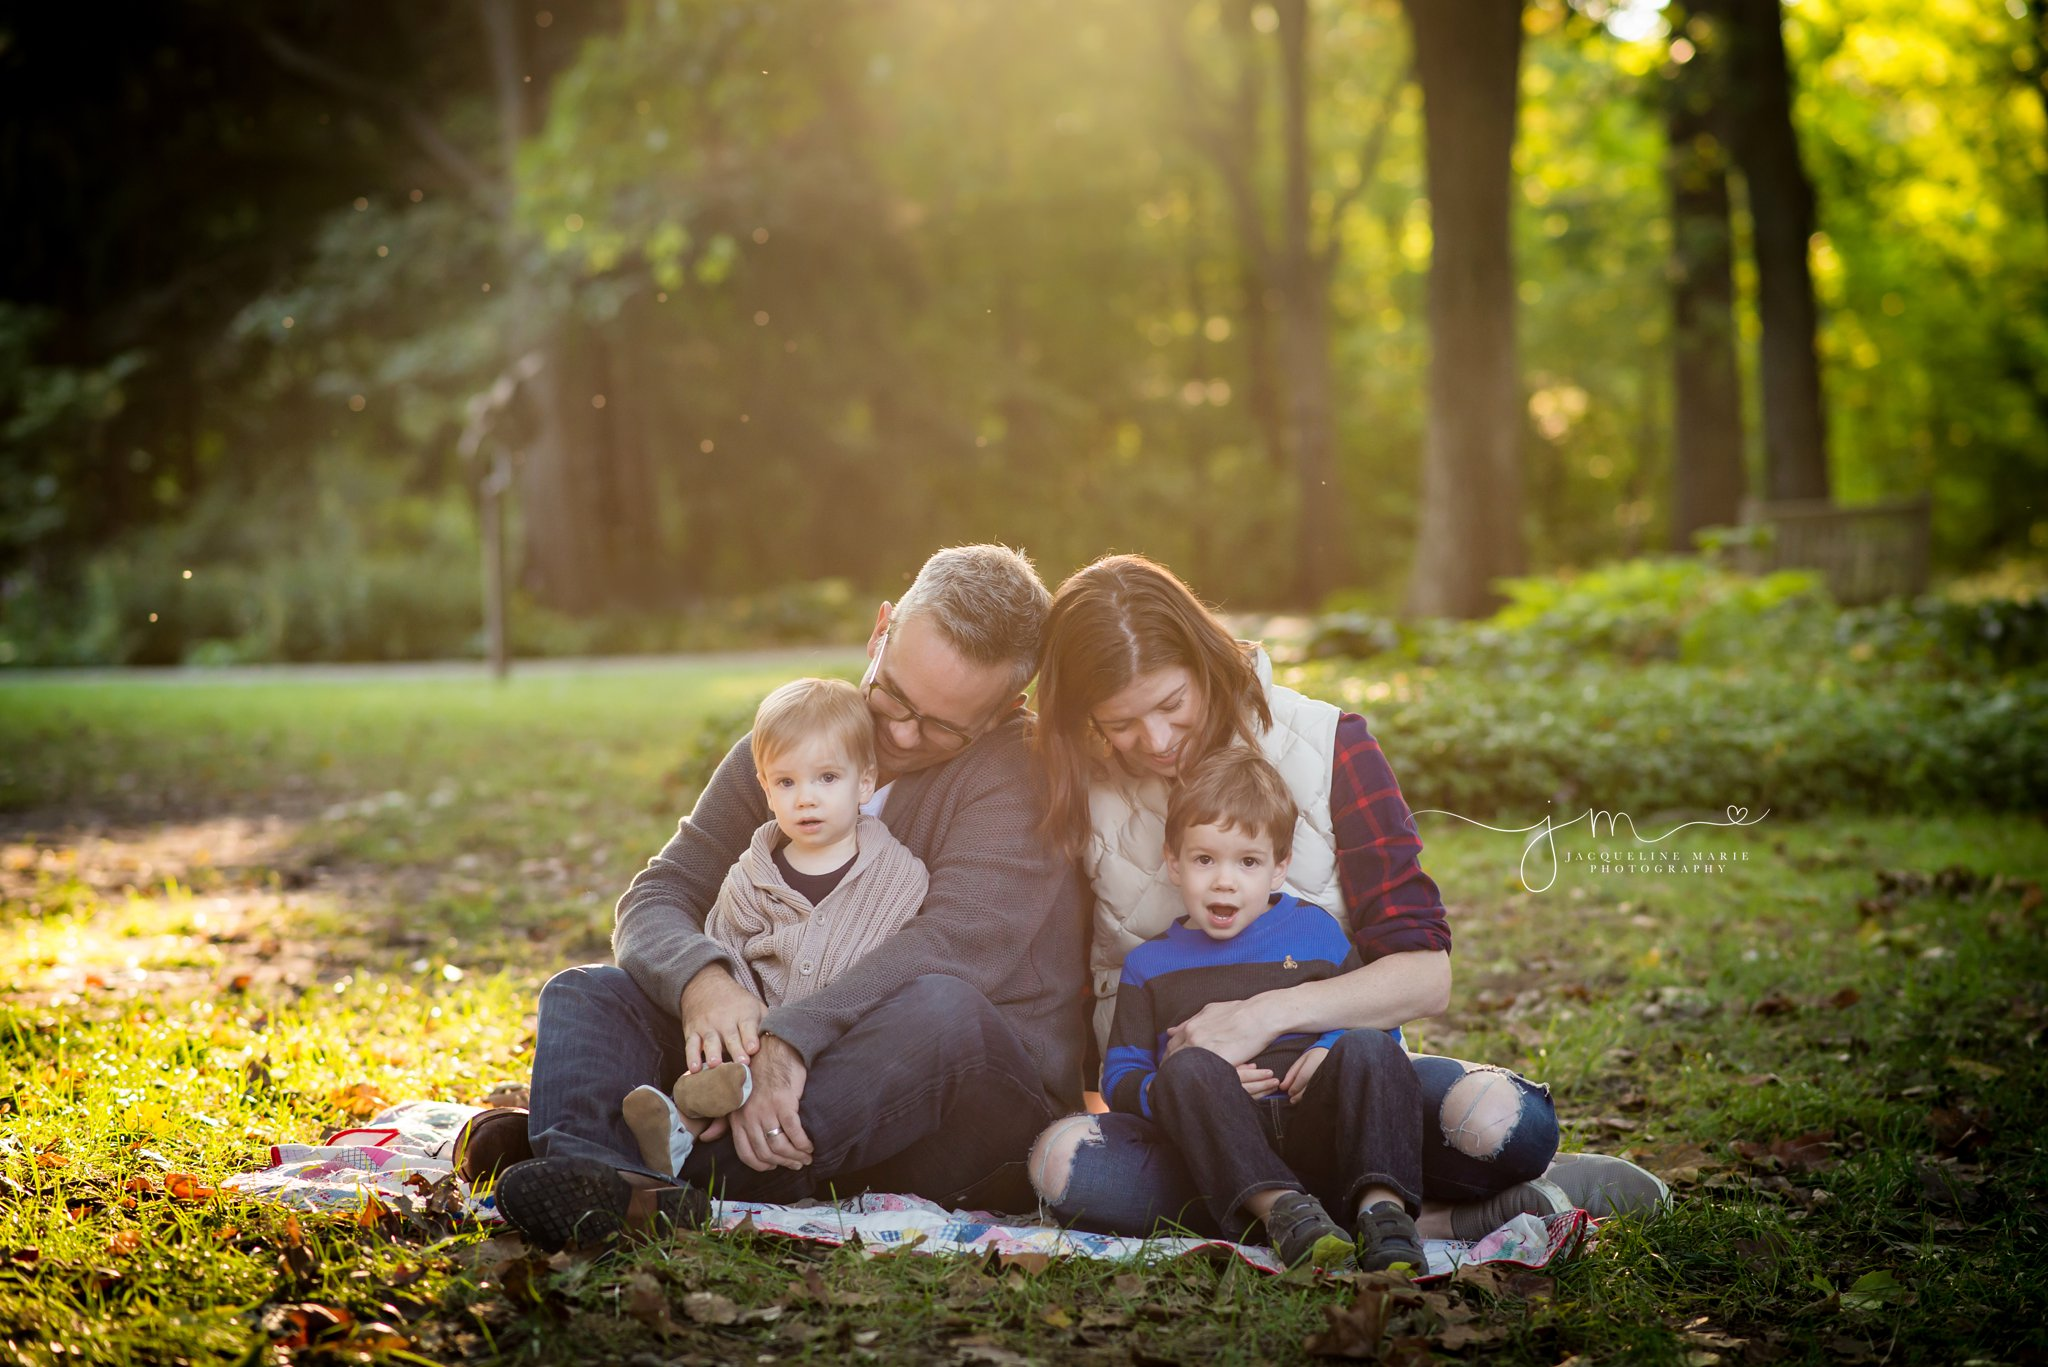 Columbus family photographer, Columbus Ohio photographer, fall family portraits, outdoor family photography, family of four pose